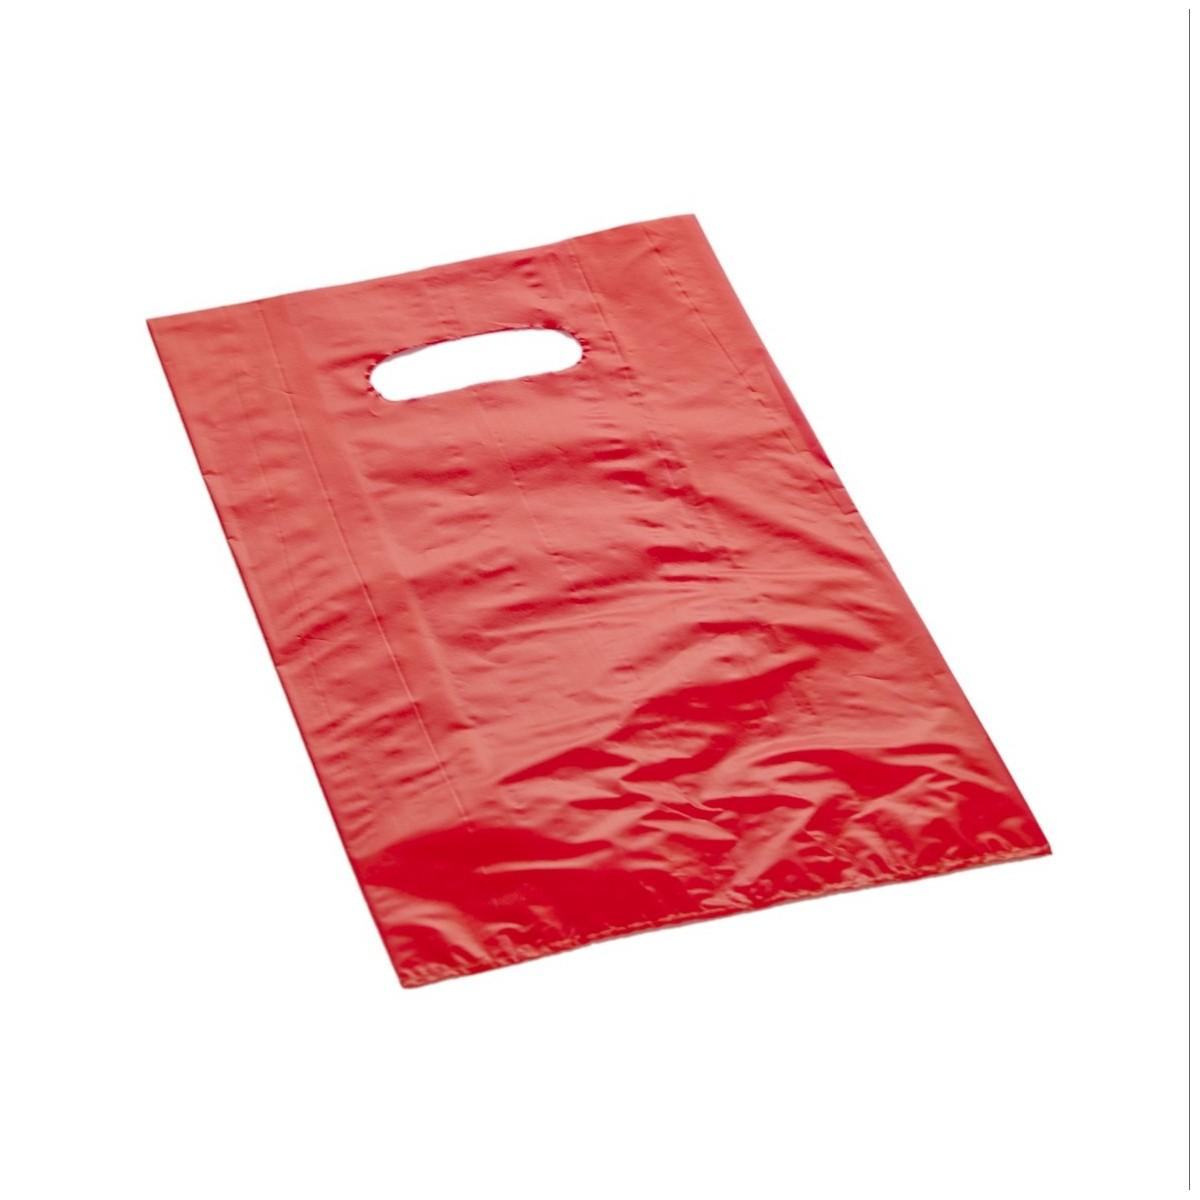 Shopper Plastica a Manico Fagiolo Colorato (al Kg.) Rosso